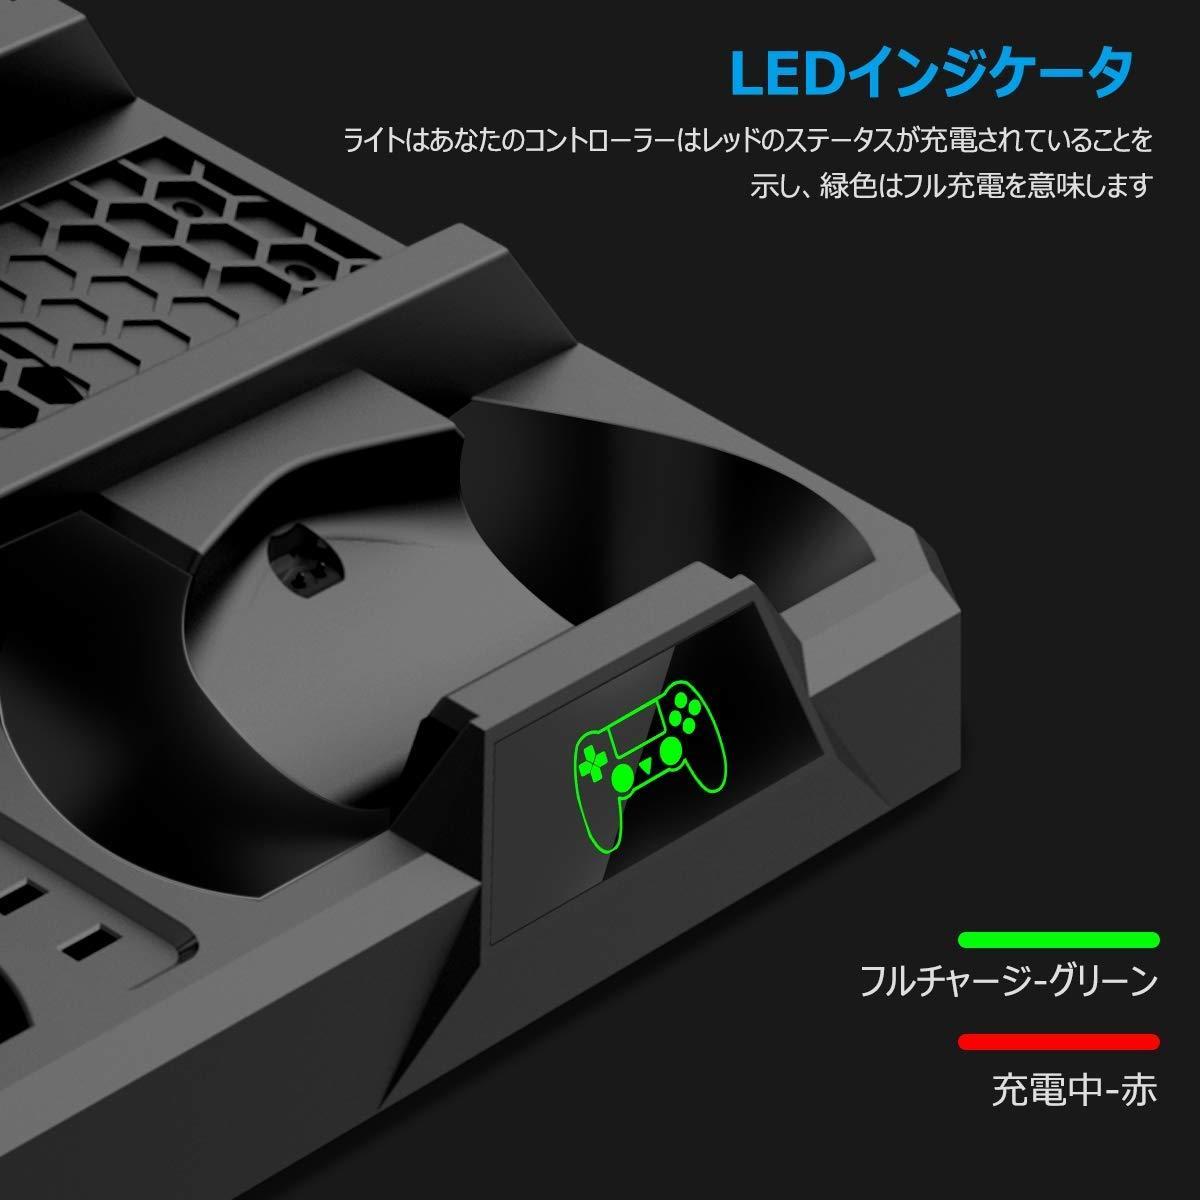 【新品 大人気】PS4 専用 縦置きスタンド プレステ プレイステーション コントローラ 充電スタンド ゲームディスク収納可能 ポイント消化_画像5